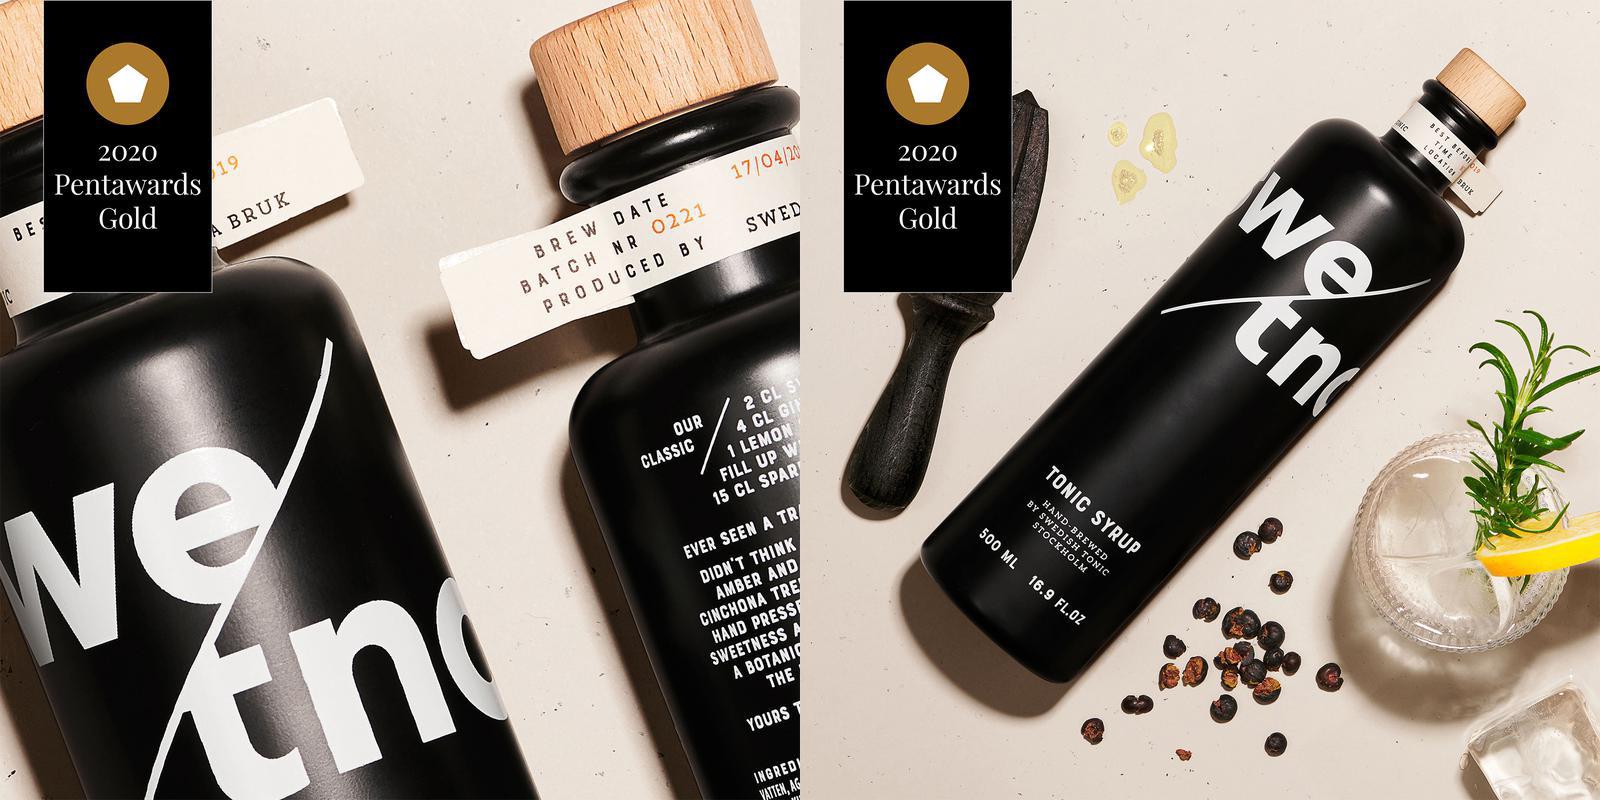 Pond design fick guld för flaskor till Swedish Tonic. Foto: Pressbild.